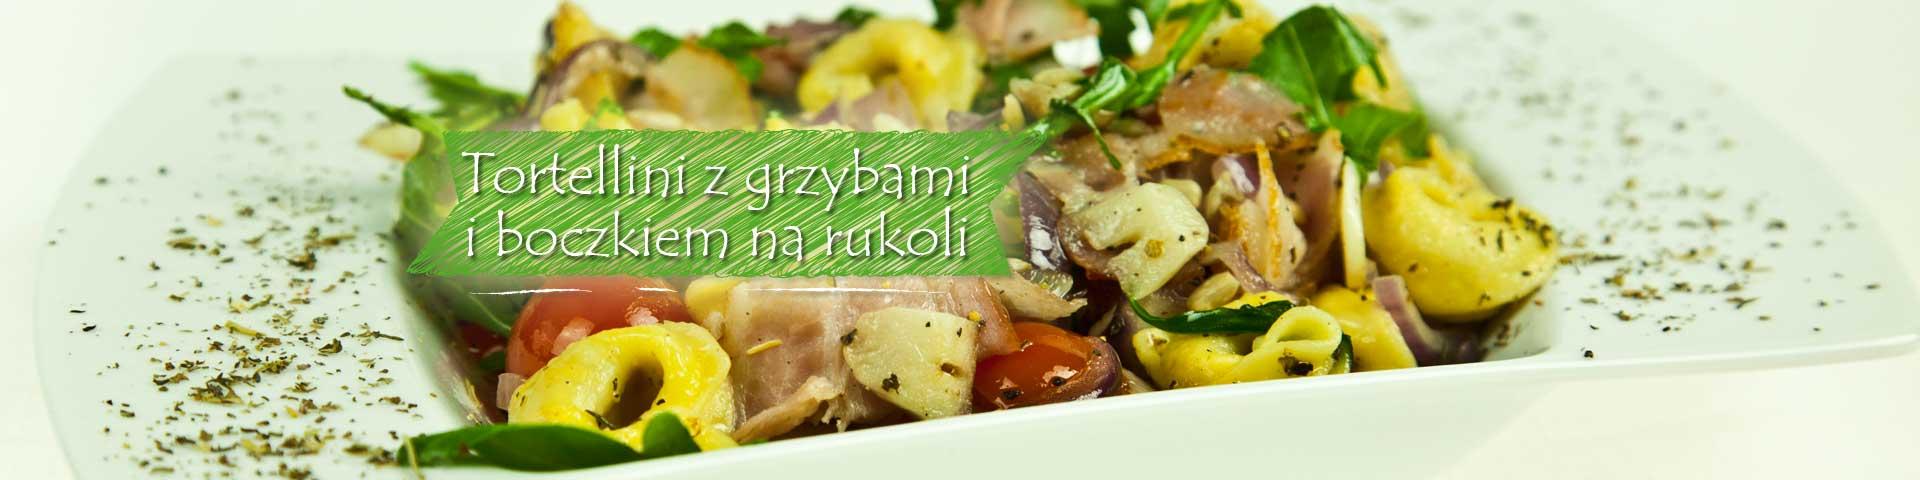 <!--:pl-->Tortellini z grzybami z boczkiem na rukoli<!--:-->